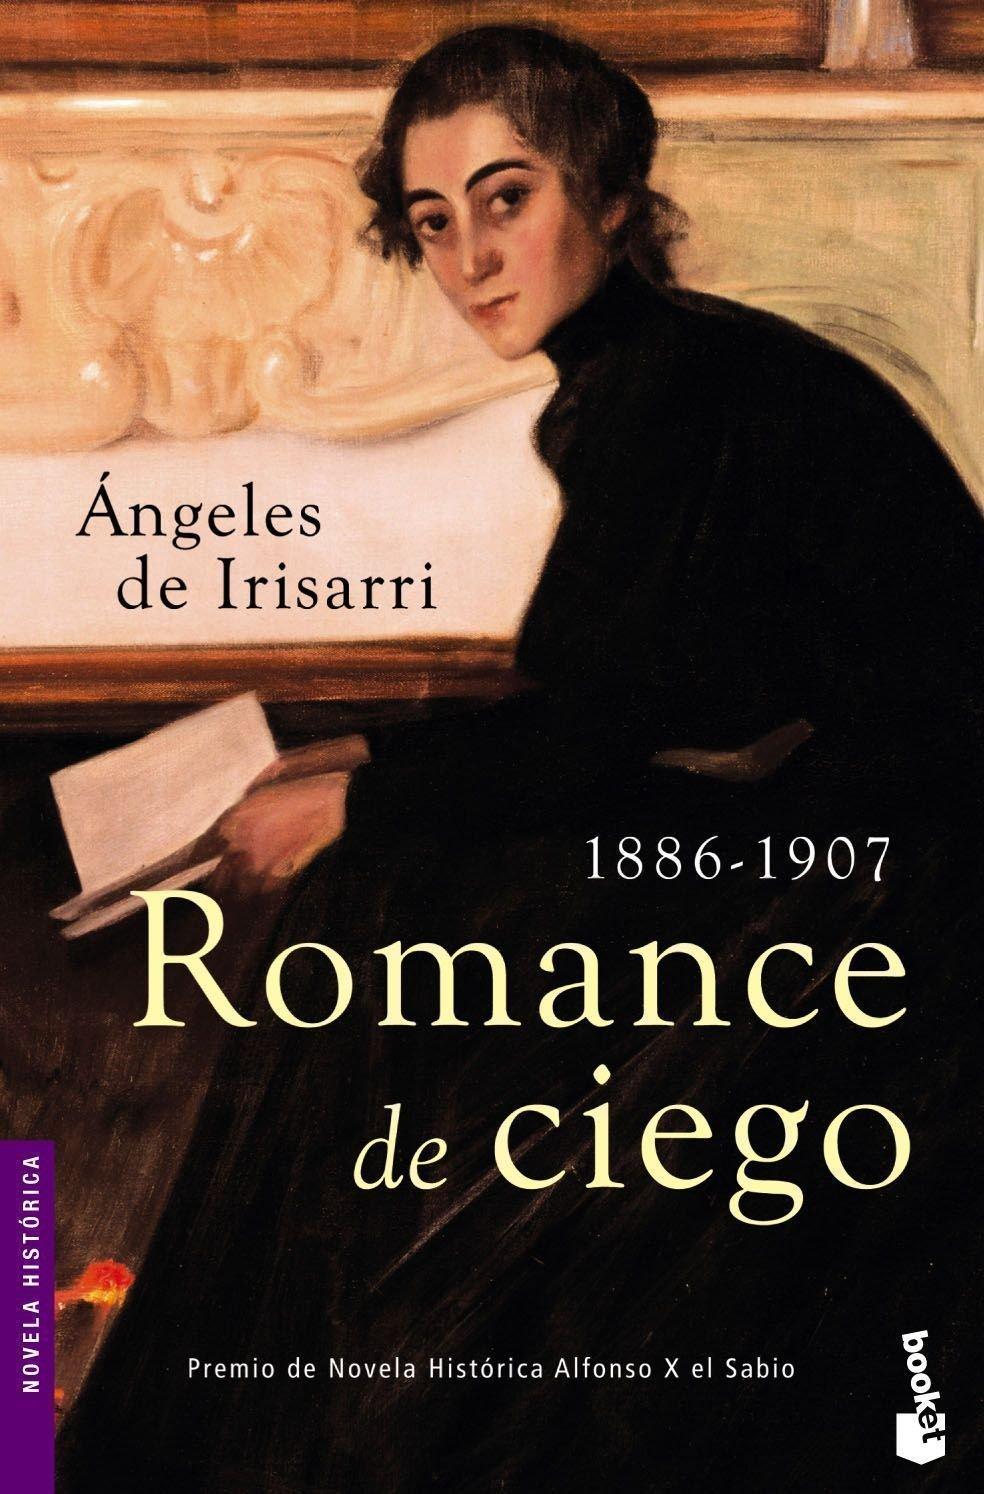 Romance De Ciego Novela Histórica Spanish Edition 9788427032071 Irisarri ángeles De Books